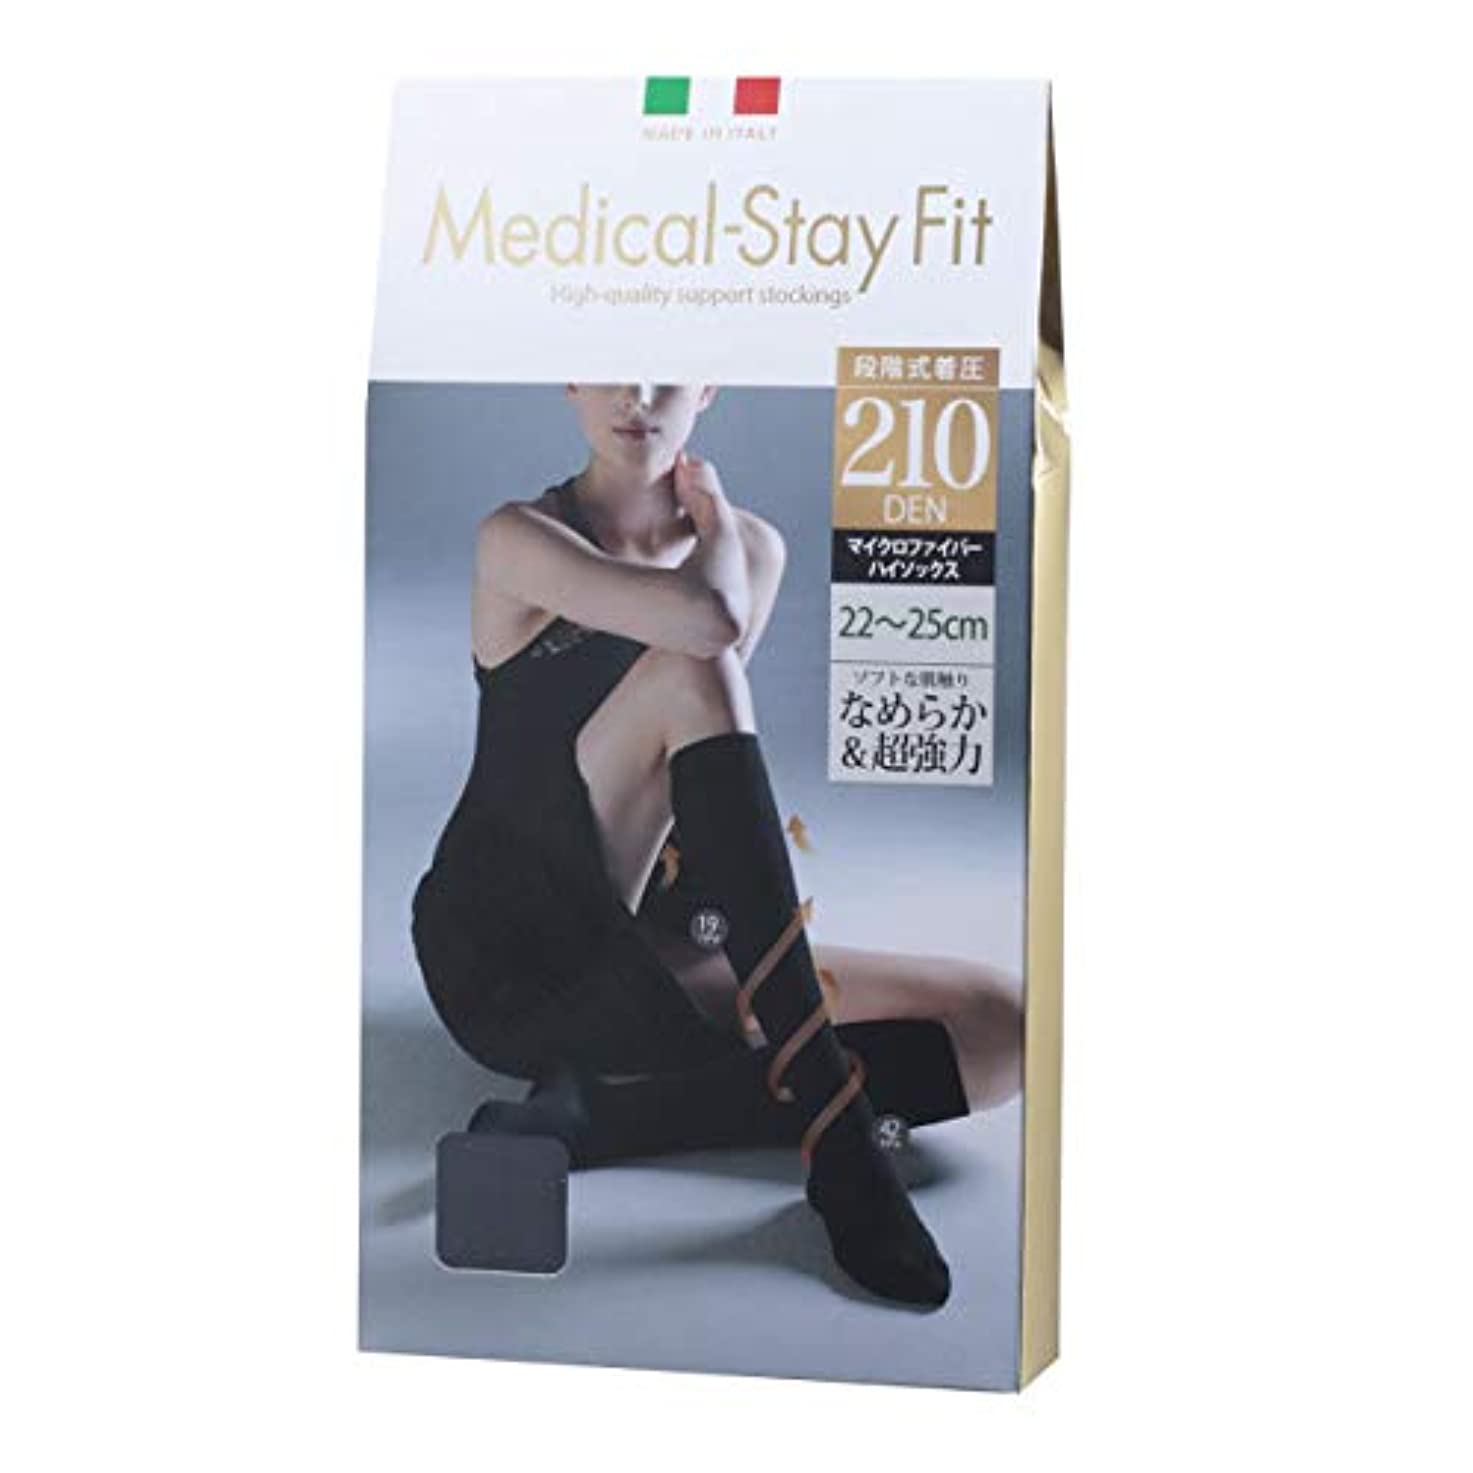 慣性以前は荒れ地【メディカル ステイフィット】着圧マイクロファイバーハイソックス 210デニール ブラック (22-25cm)イタリア製 Medical-Stay Fit